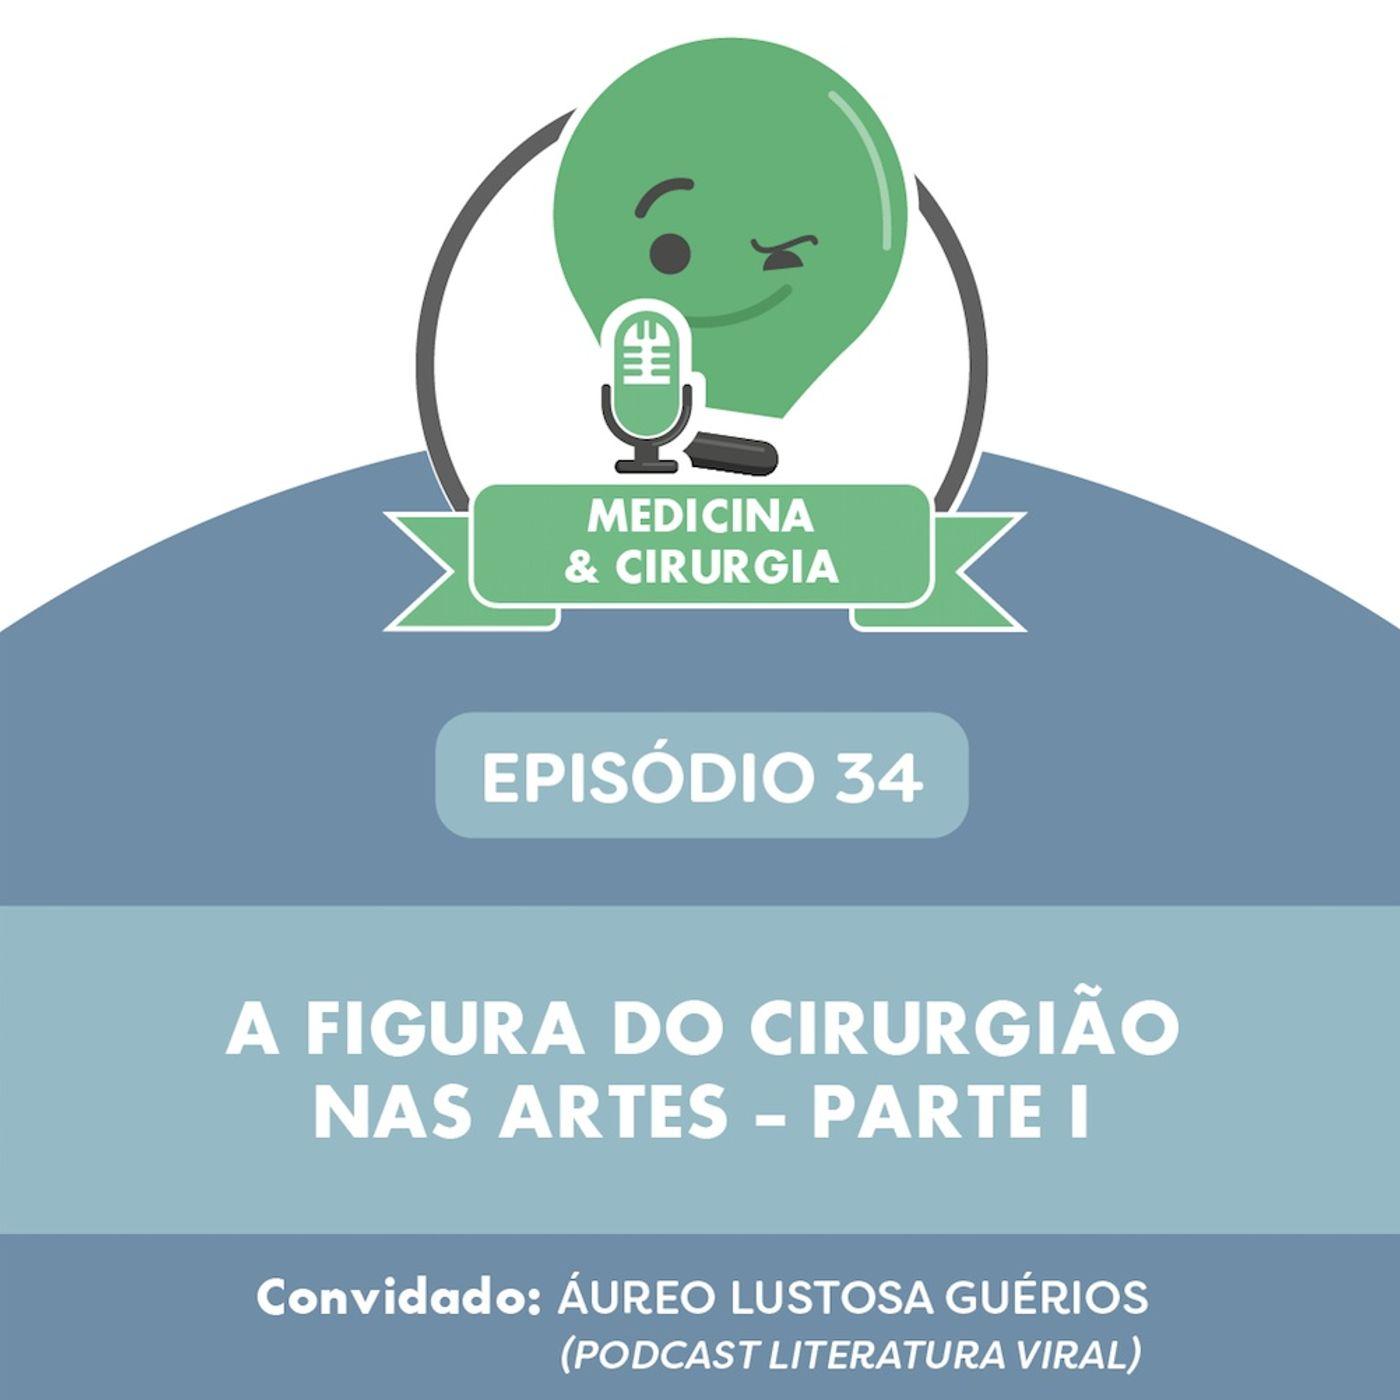 34 - A figura do cirurgião nas artes - Parte I